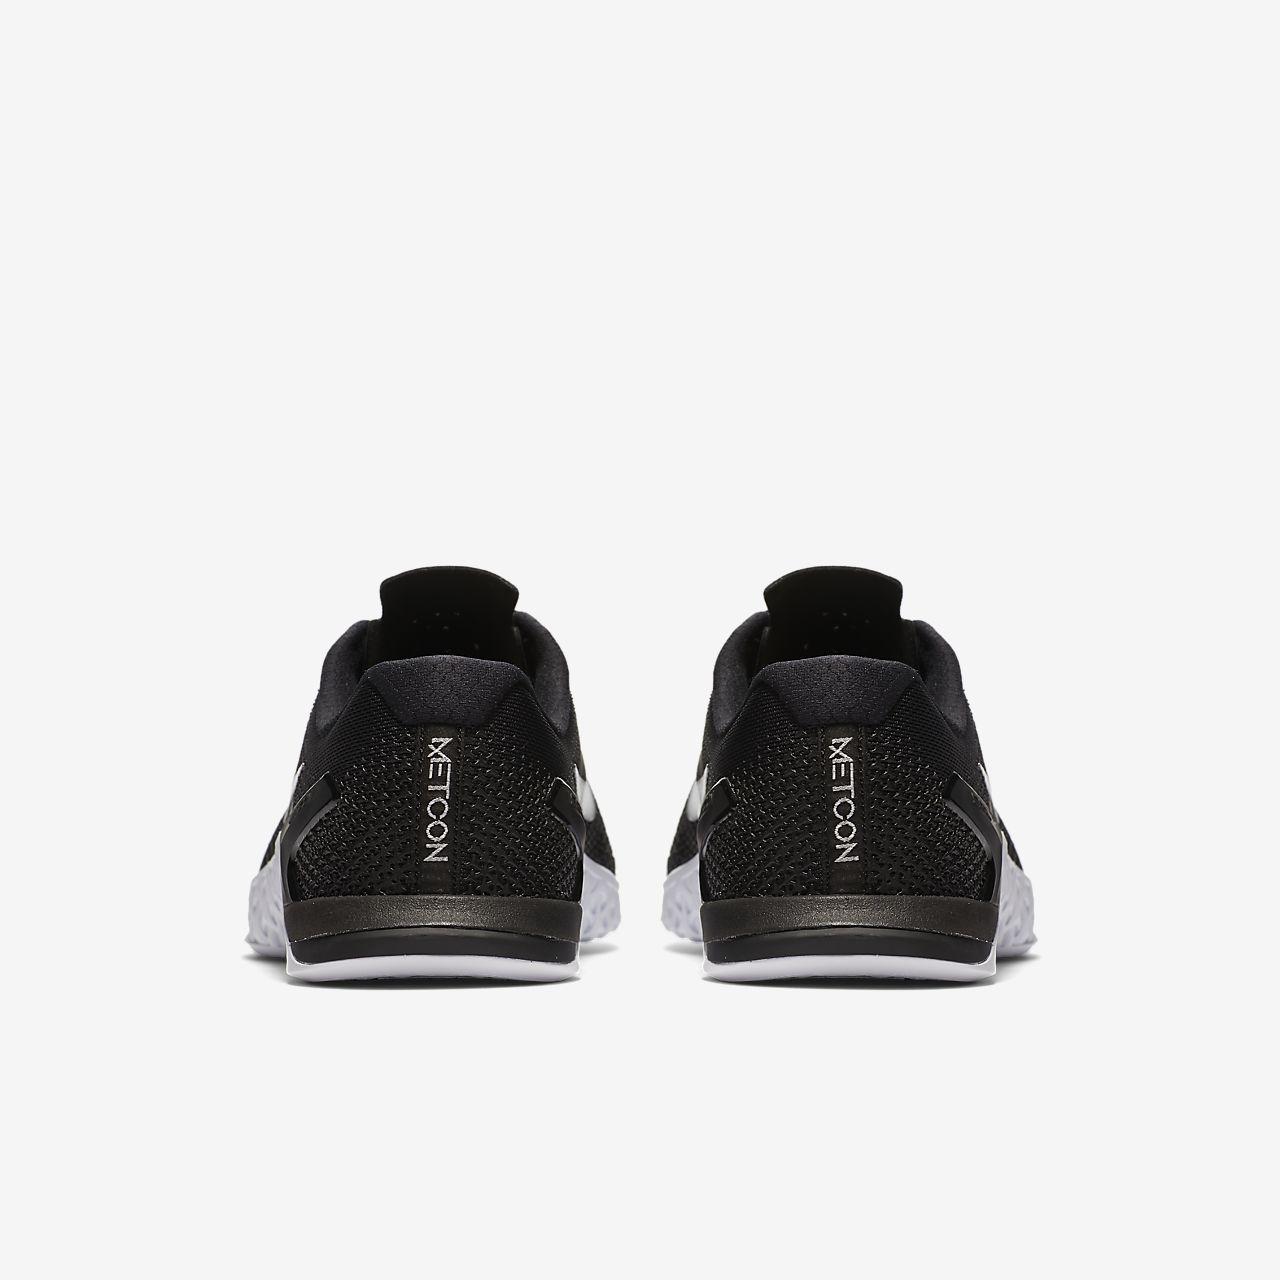 100% authentic 32487 e74b2 ... Sko Nike Metcon 4 för crosstraining och tyngdlyftning för kvinnor